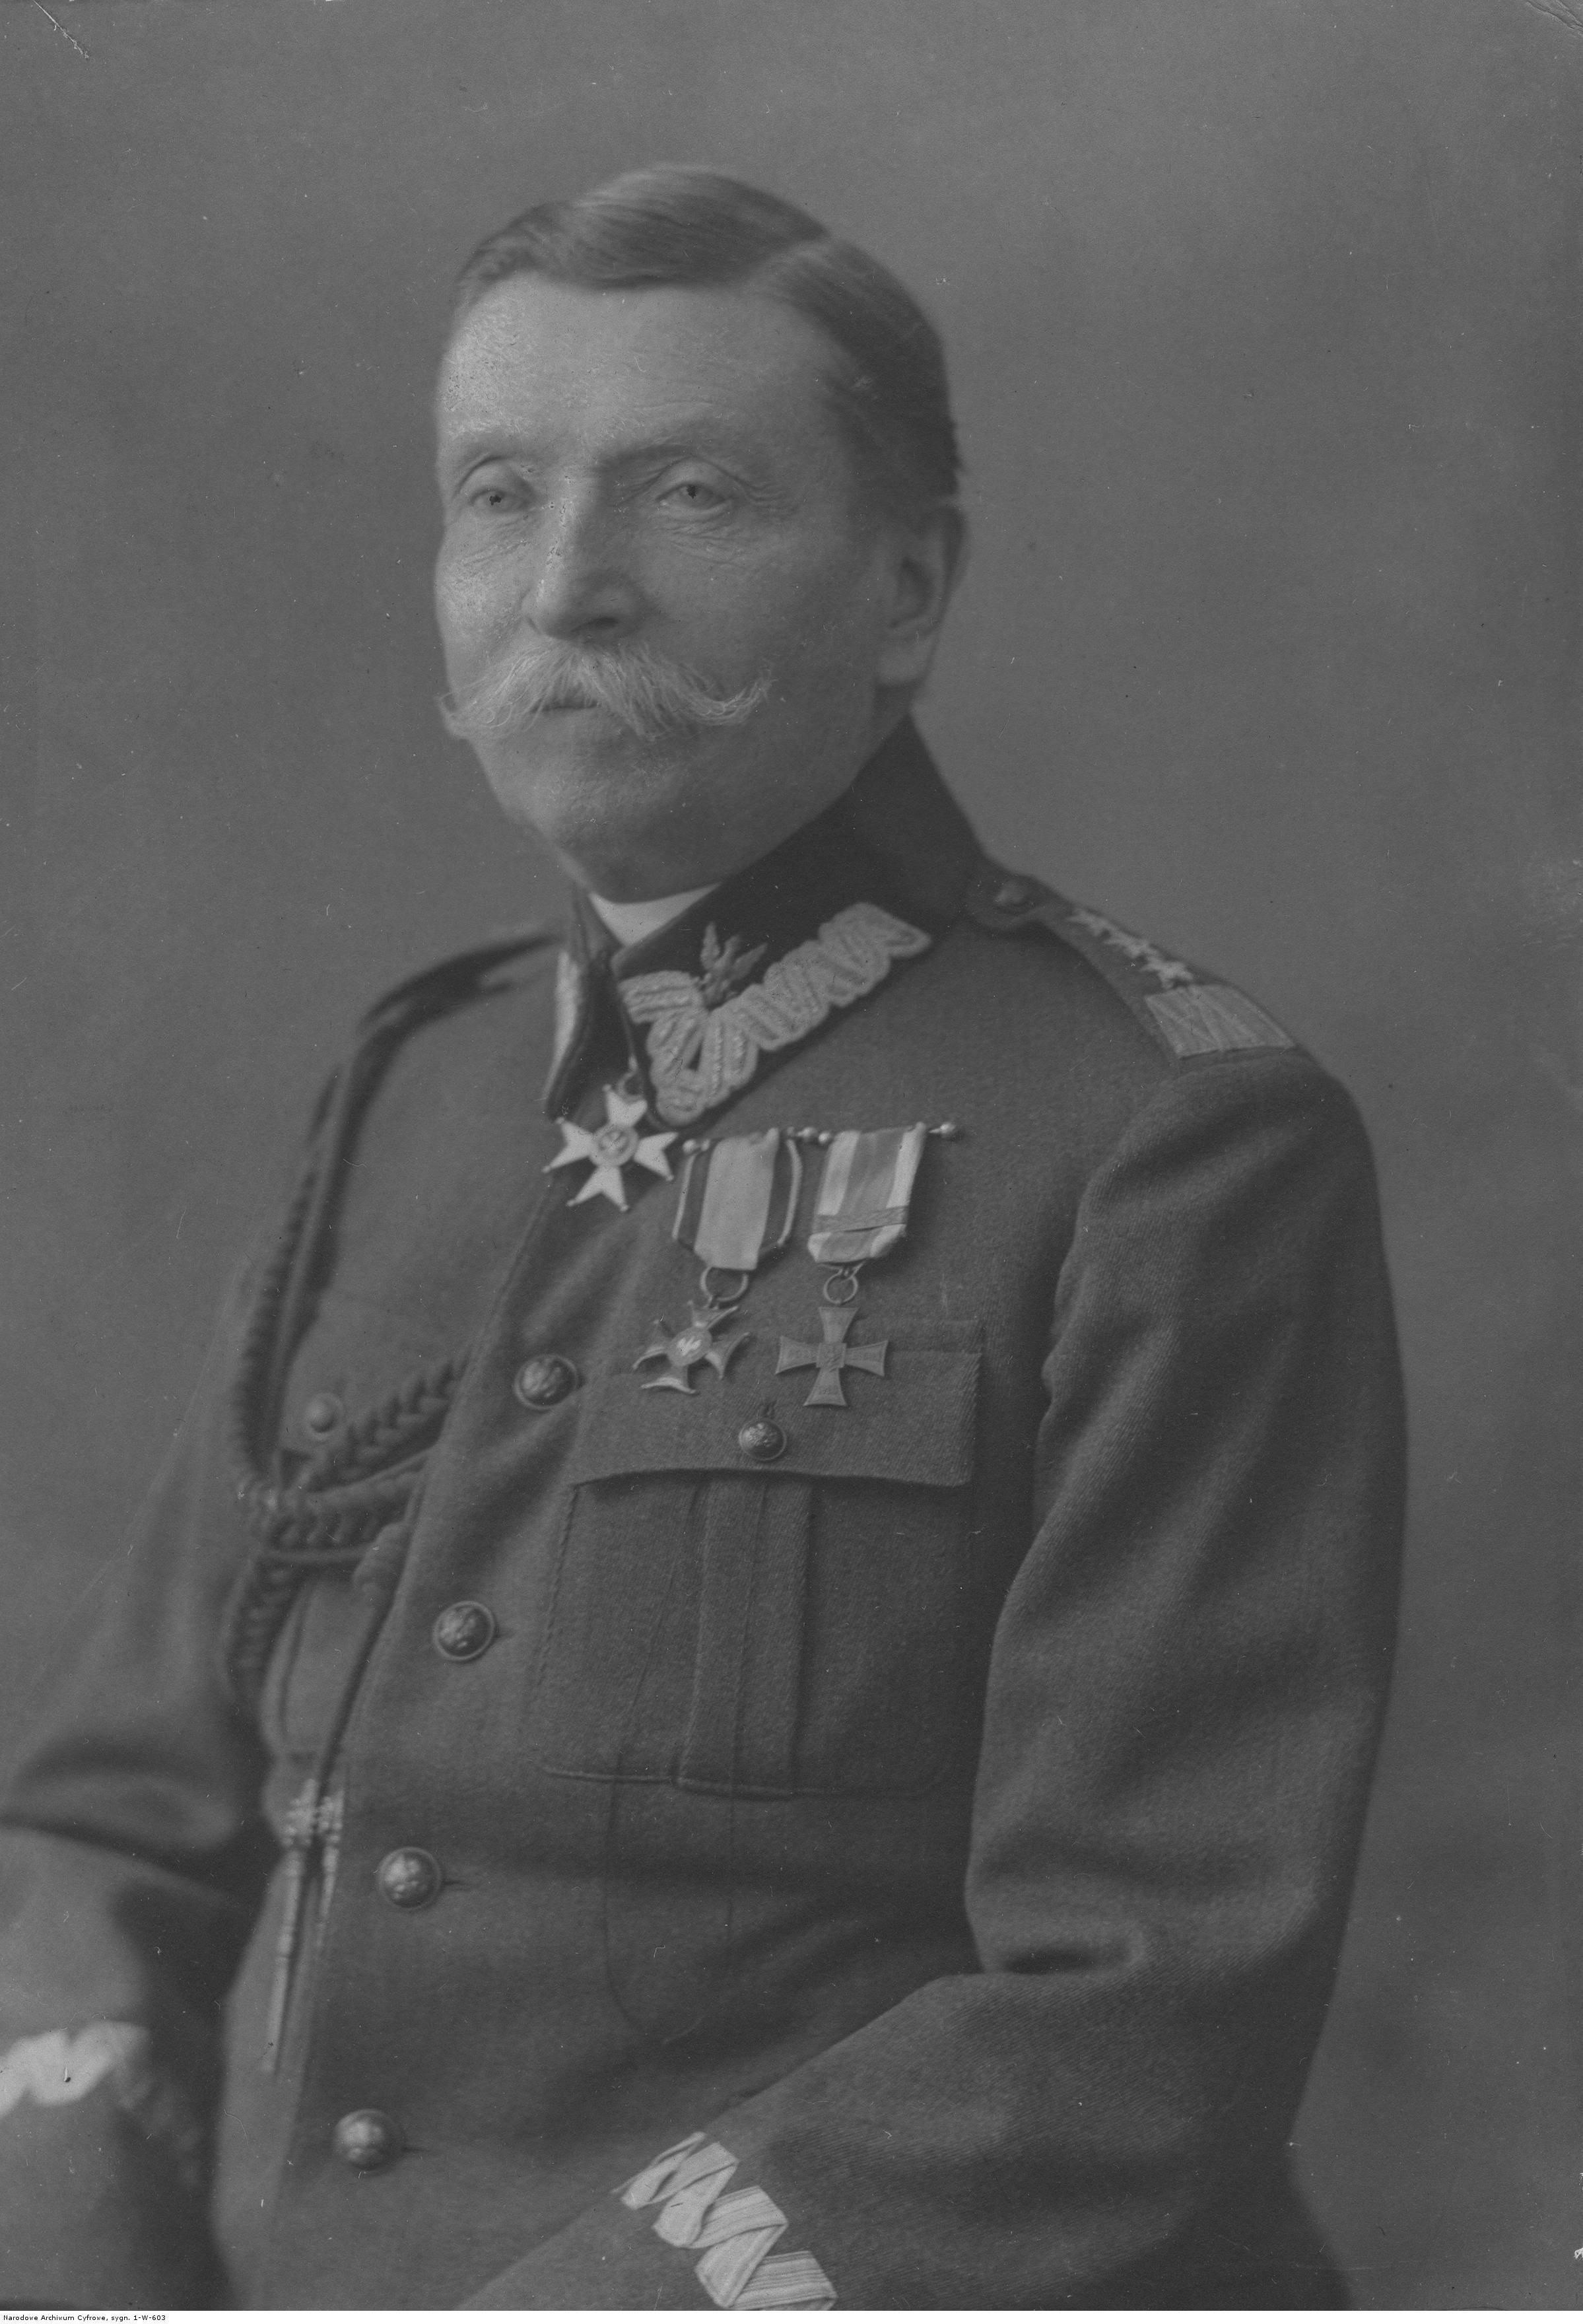 Generał Karol Trzaska-Durski na fotografii portretowej.